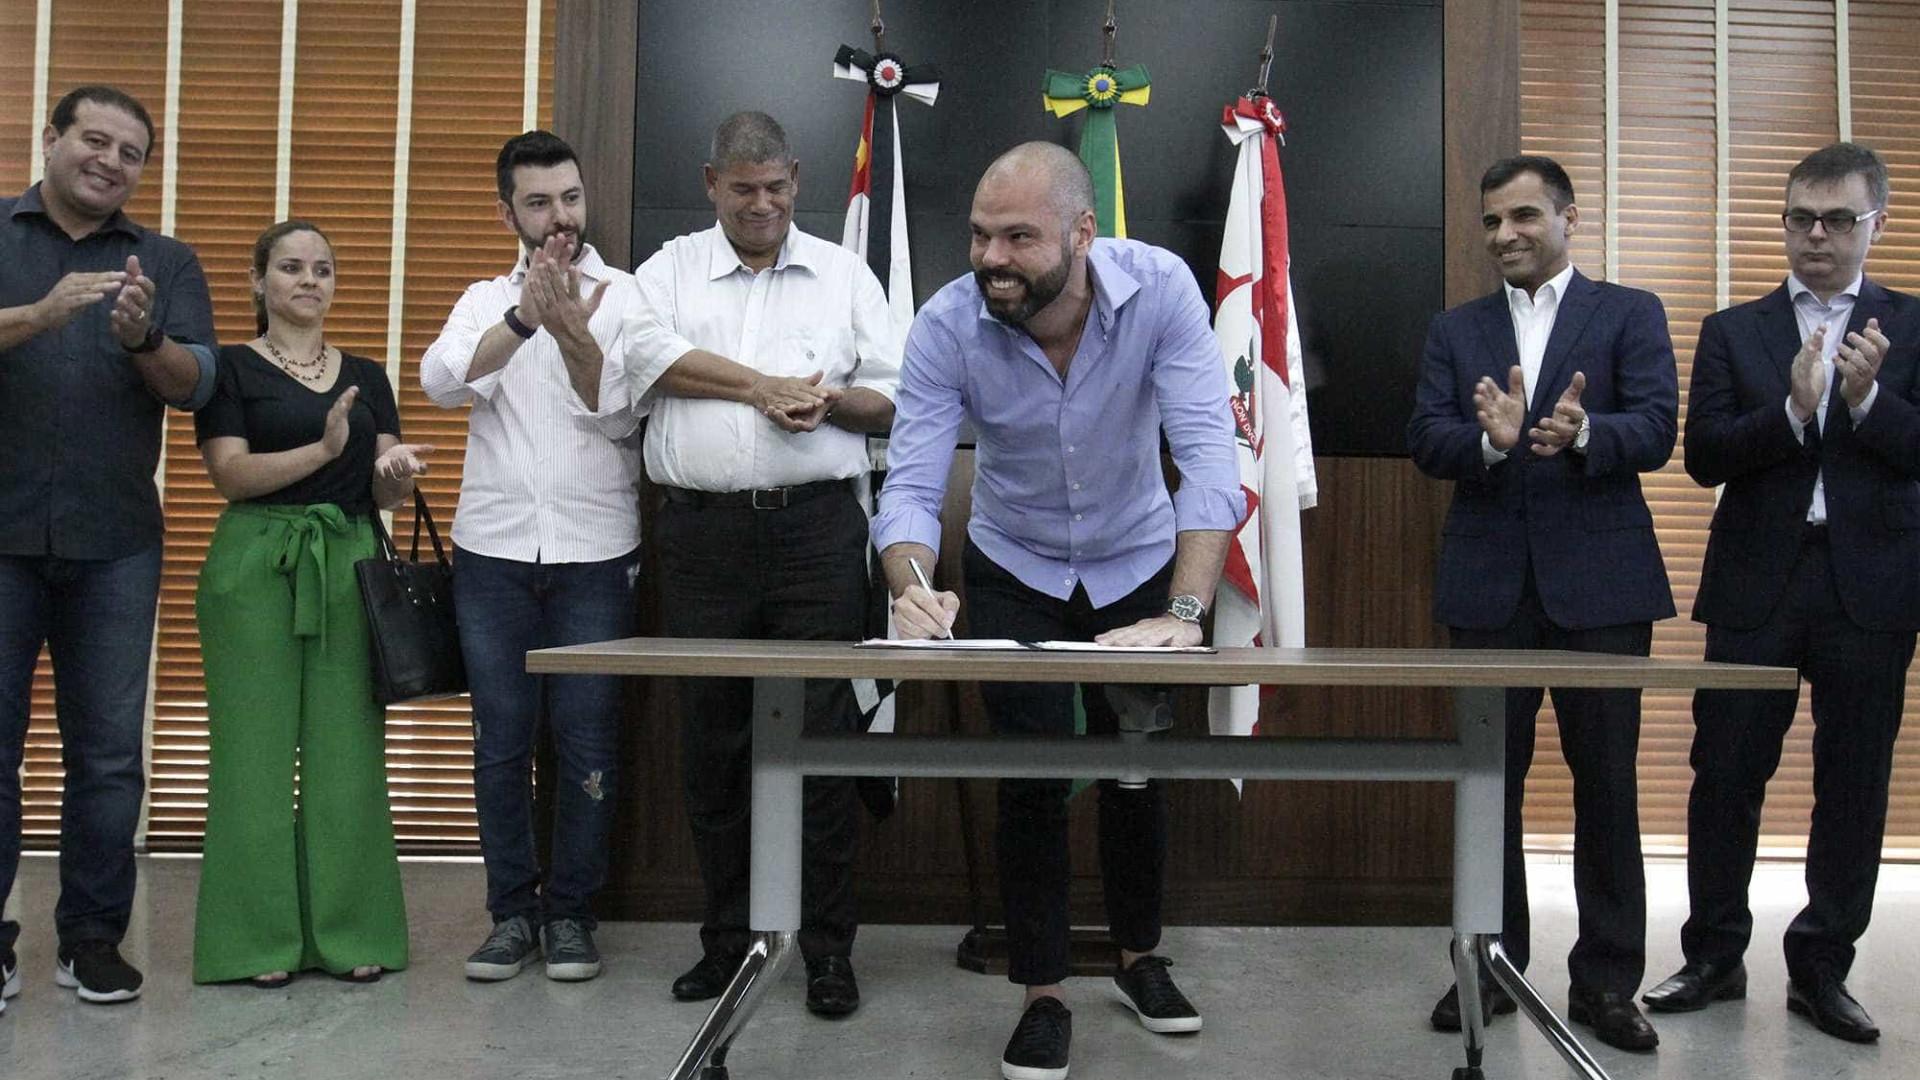 'Nem morto', teria dito Covas sobre revogar Previdência em SP